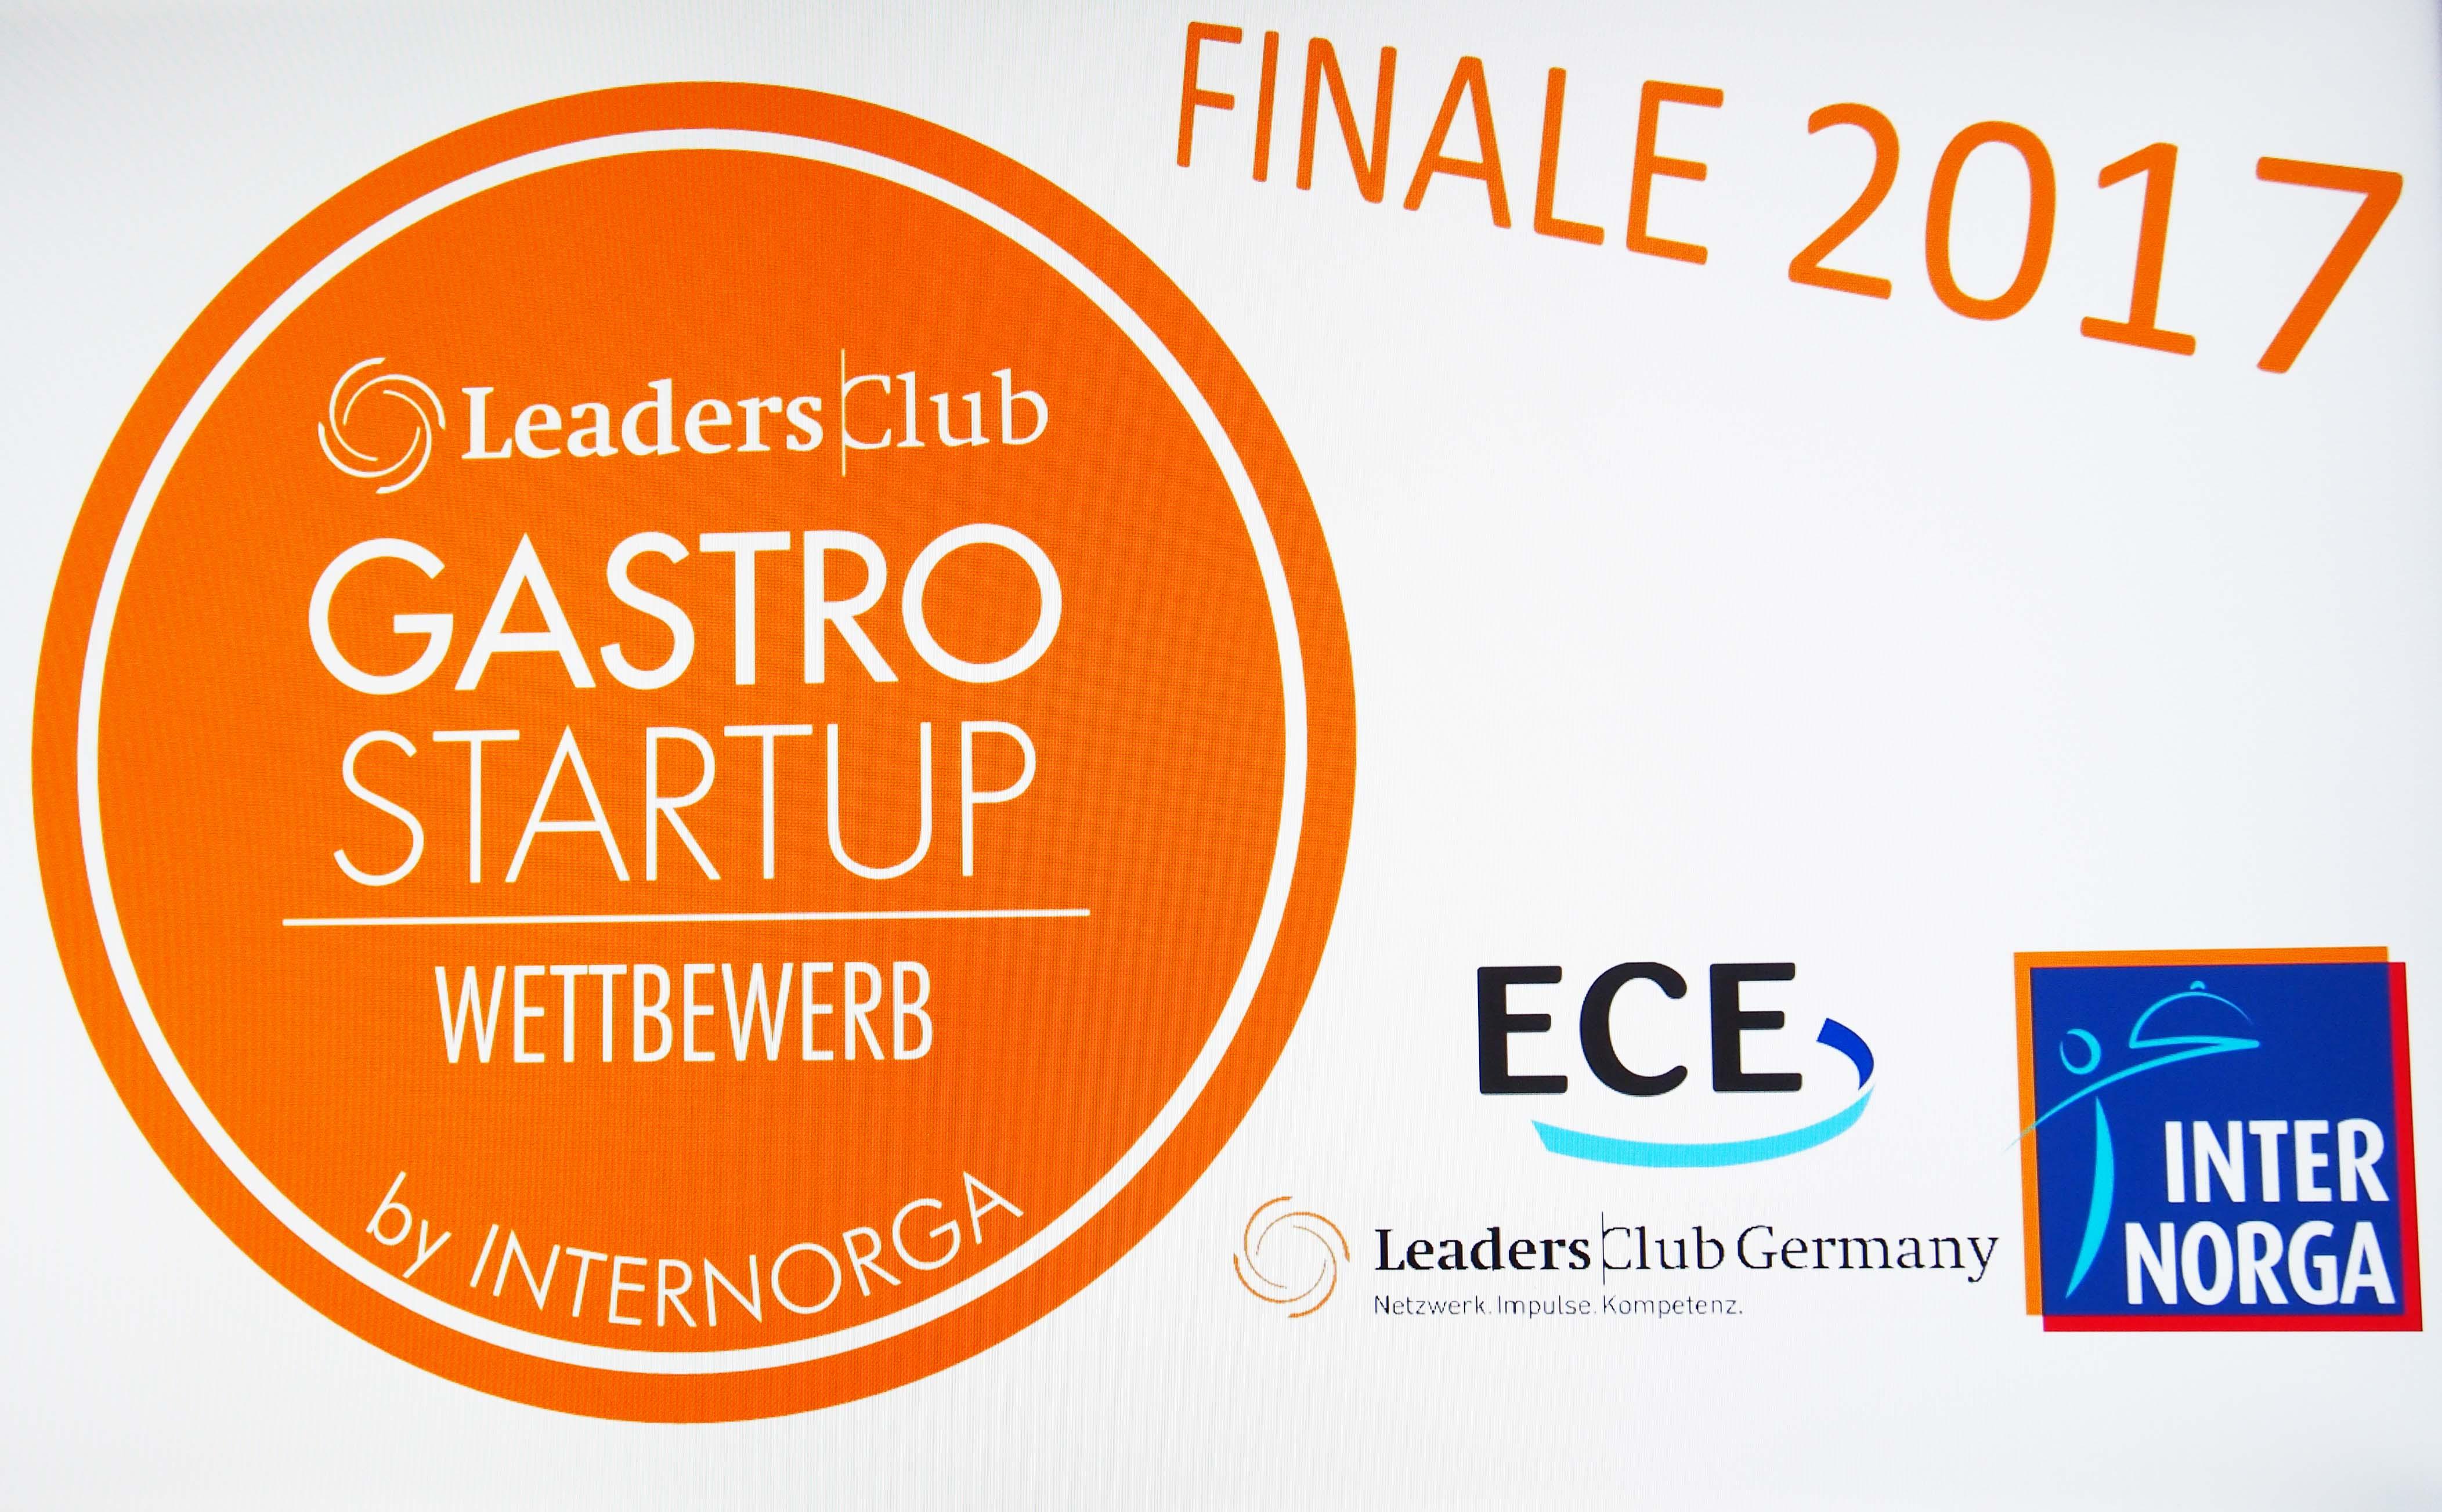 Gastro Startup Wettbewerb Finale 2017